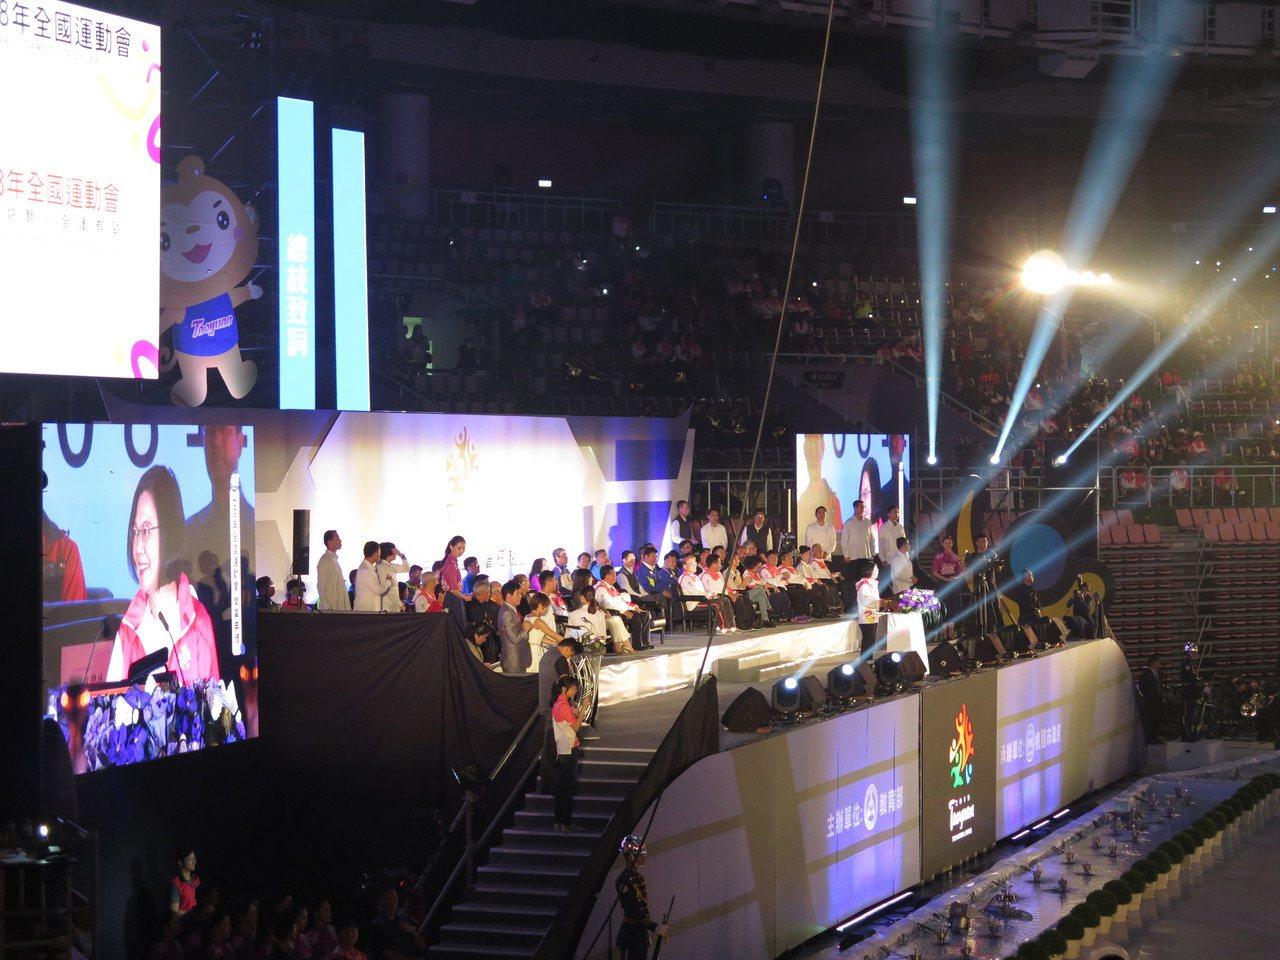 全國運動會睽違20年回到桃園舉辦,今晚開幕,蔡英文總統出席。記者張裕珍/攝影